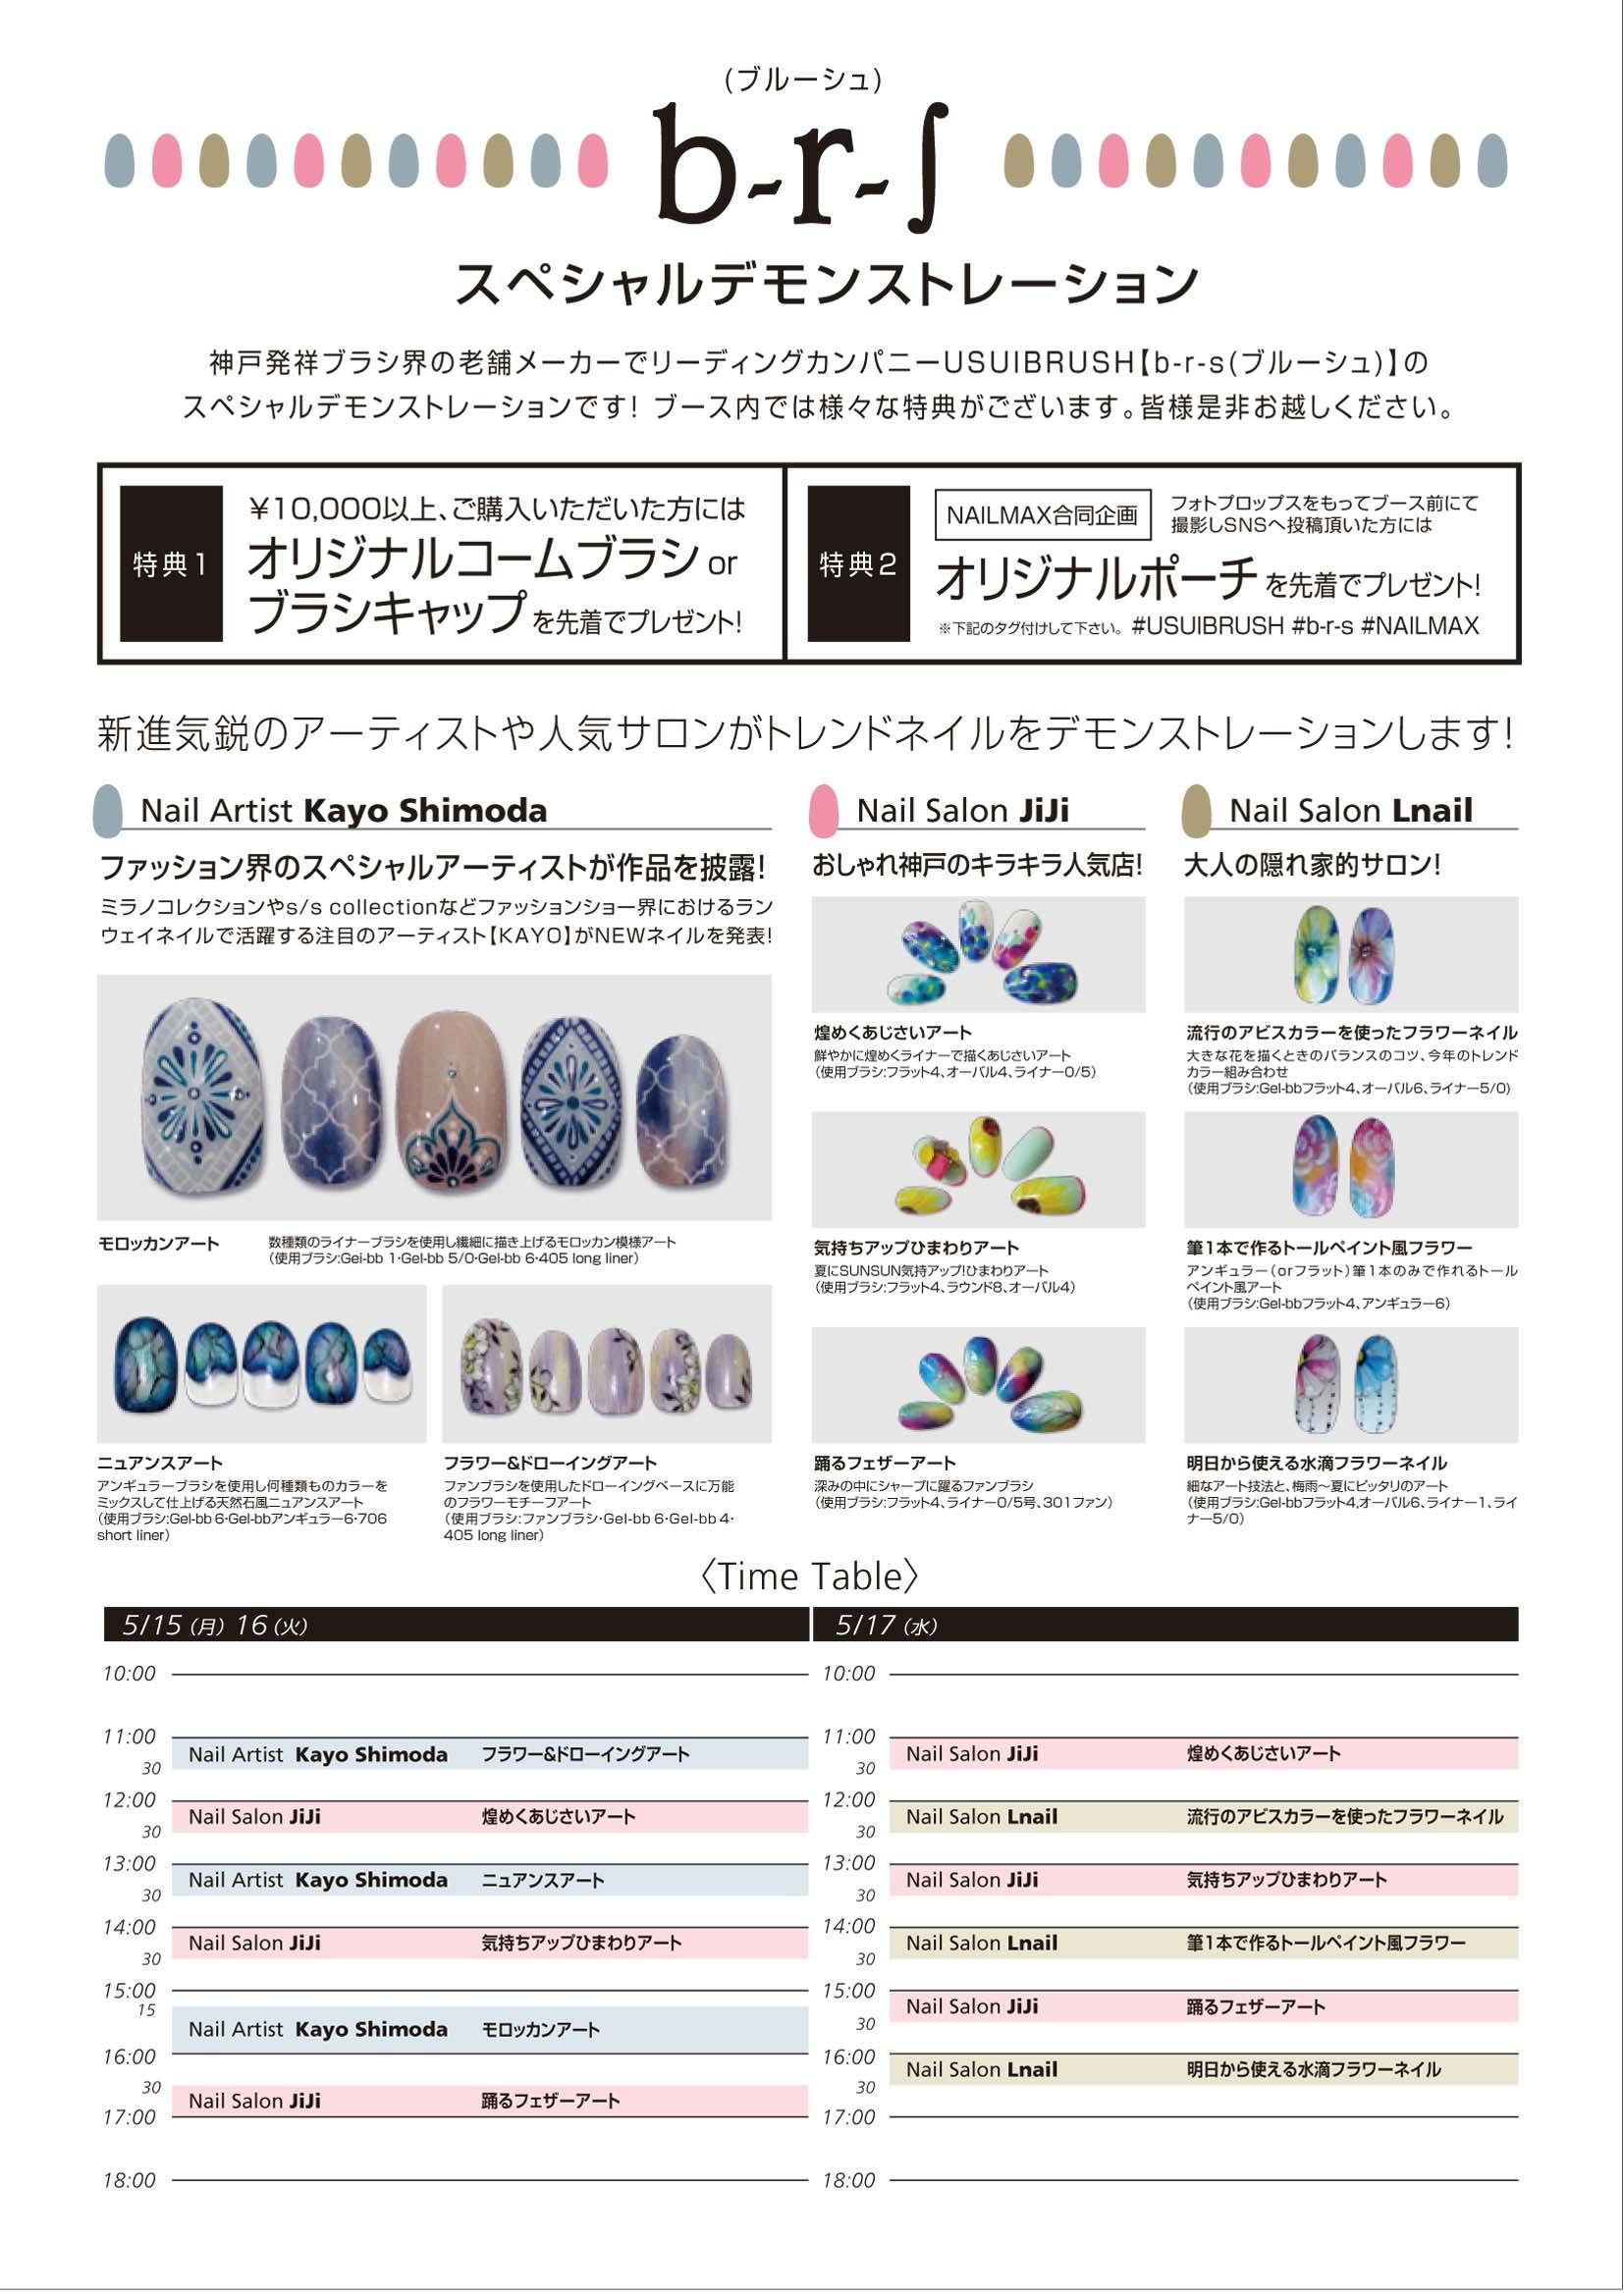 ビューティーワールドジャパン 東京ネイルフォーラム2017   ブルーシュ ネイルブラシ